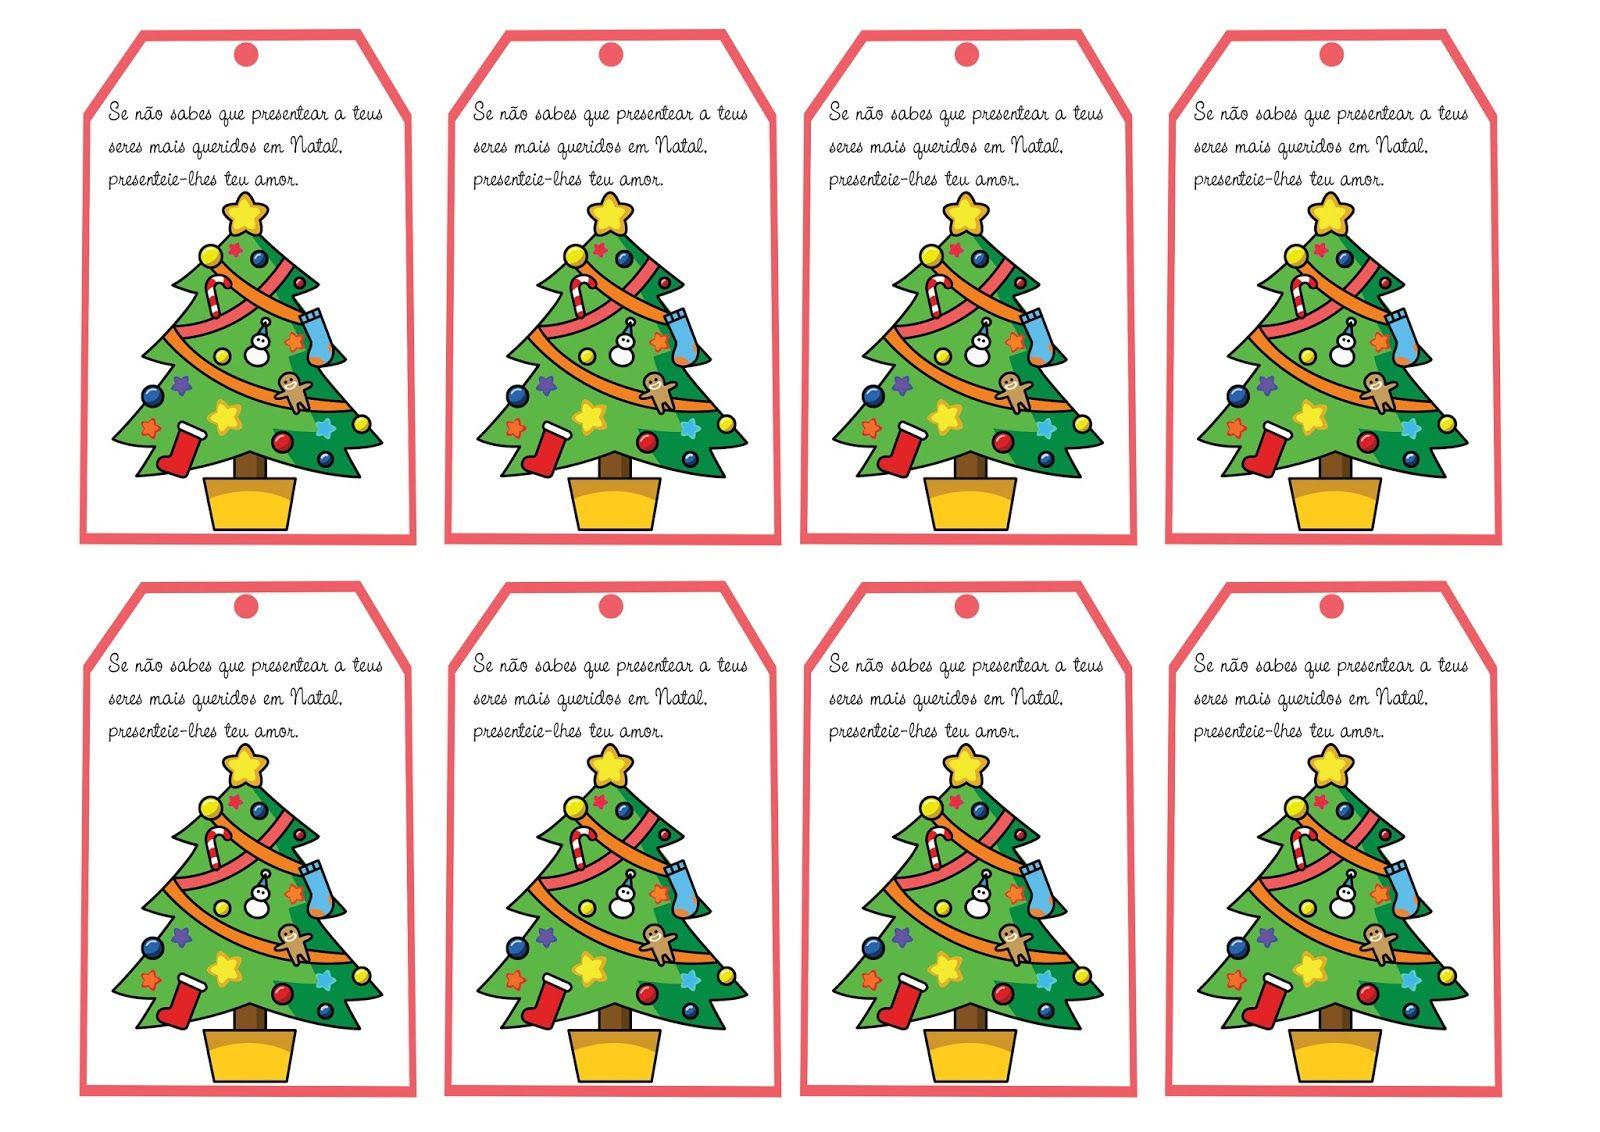 Cartoes De Natal Com Mensagens Natalinas Para Imprimir Mensagens